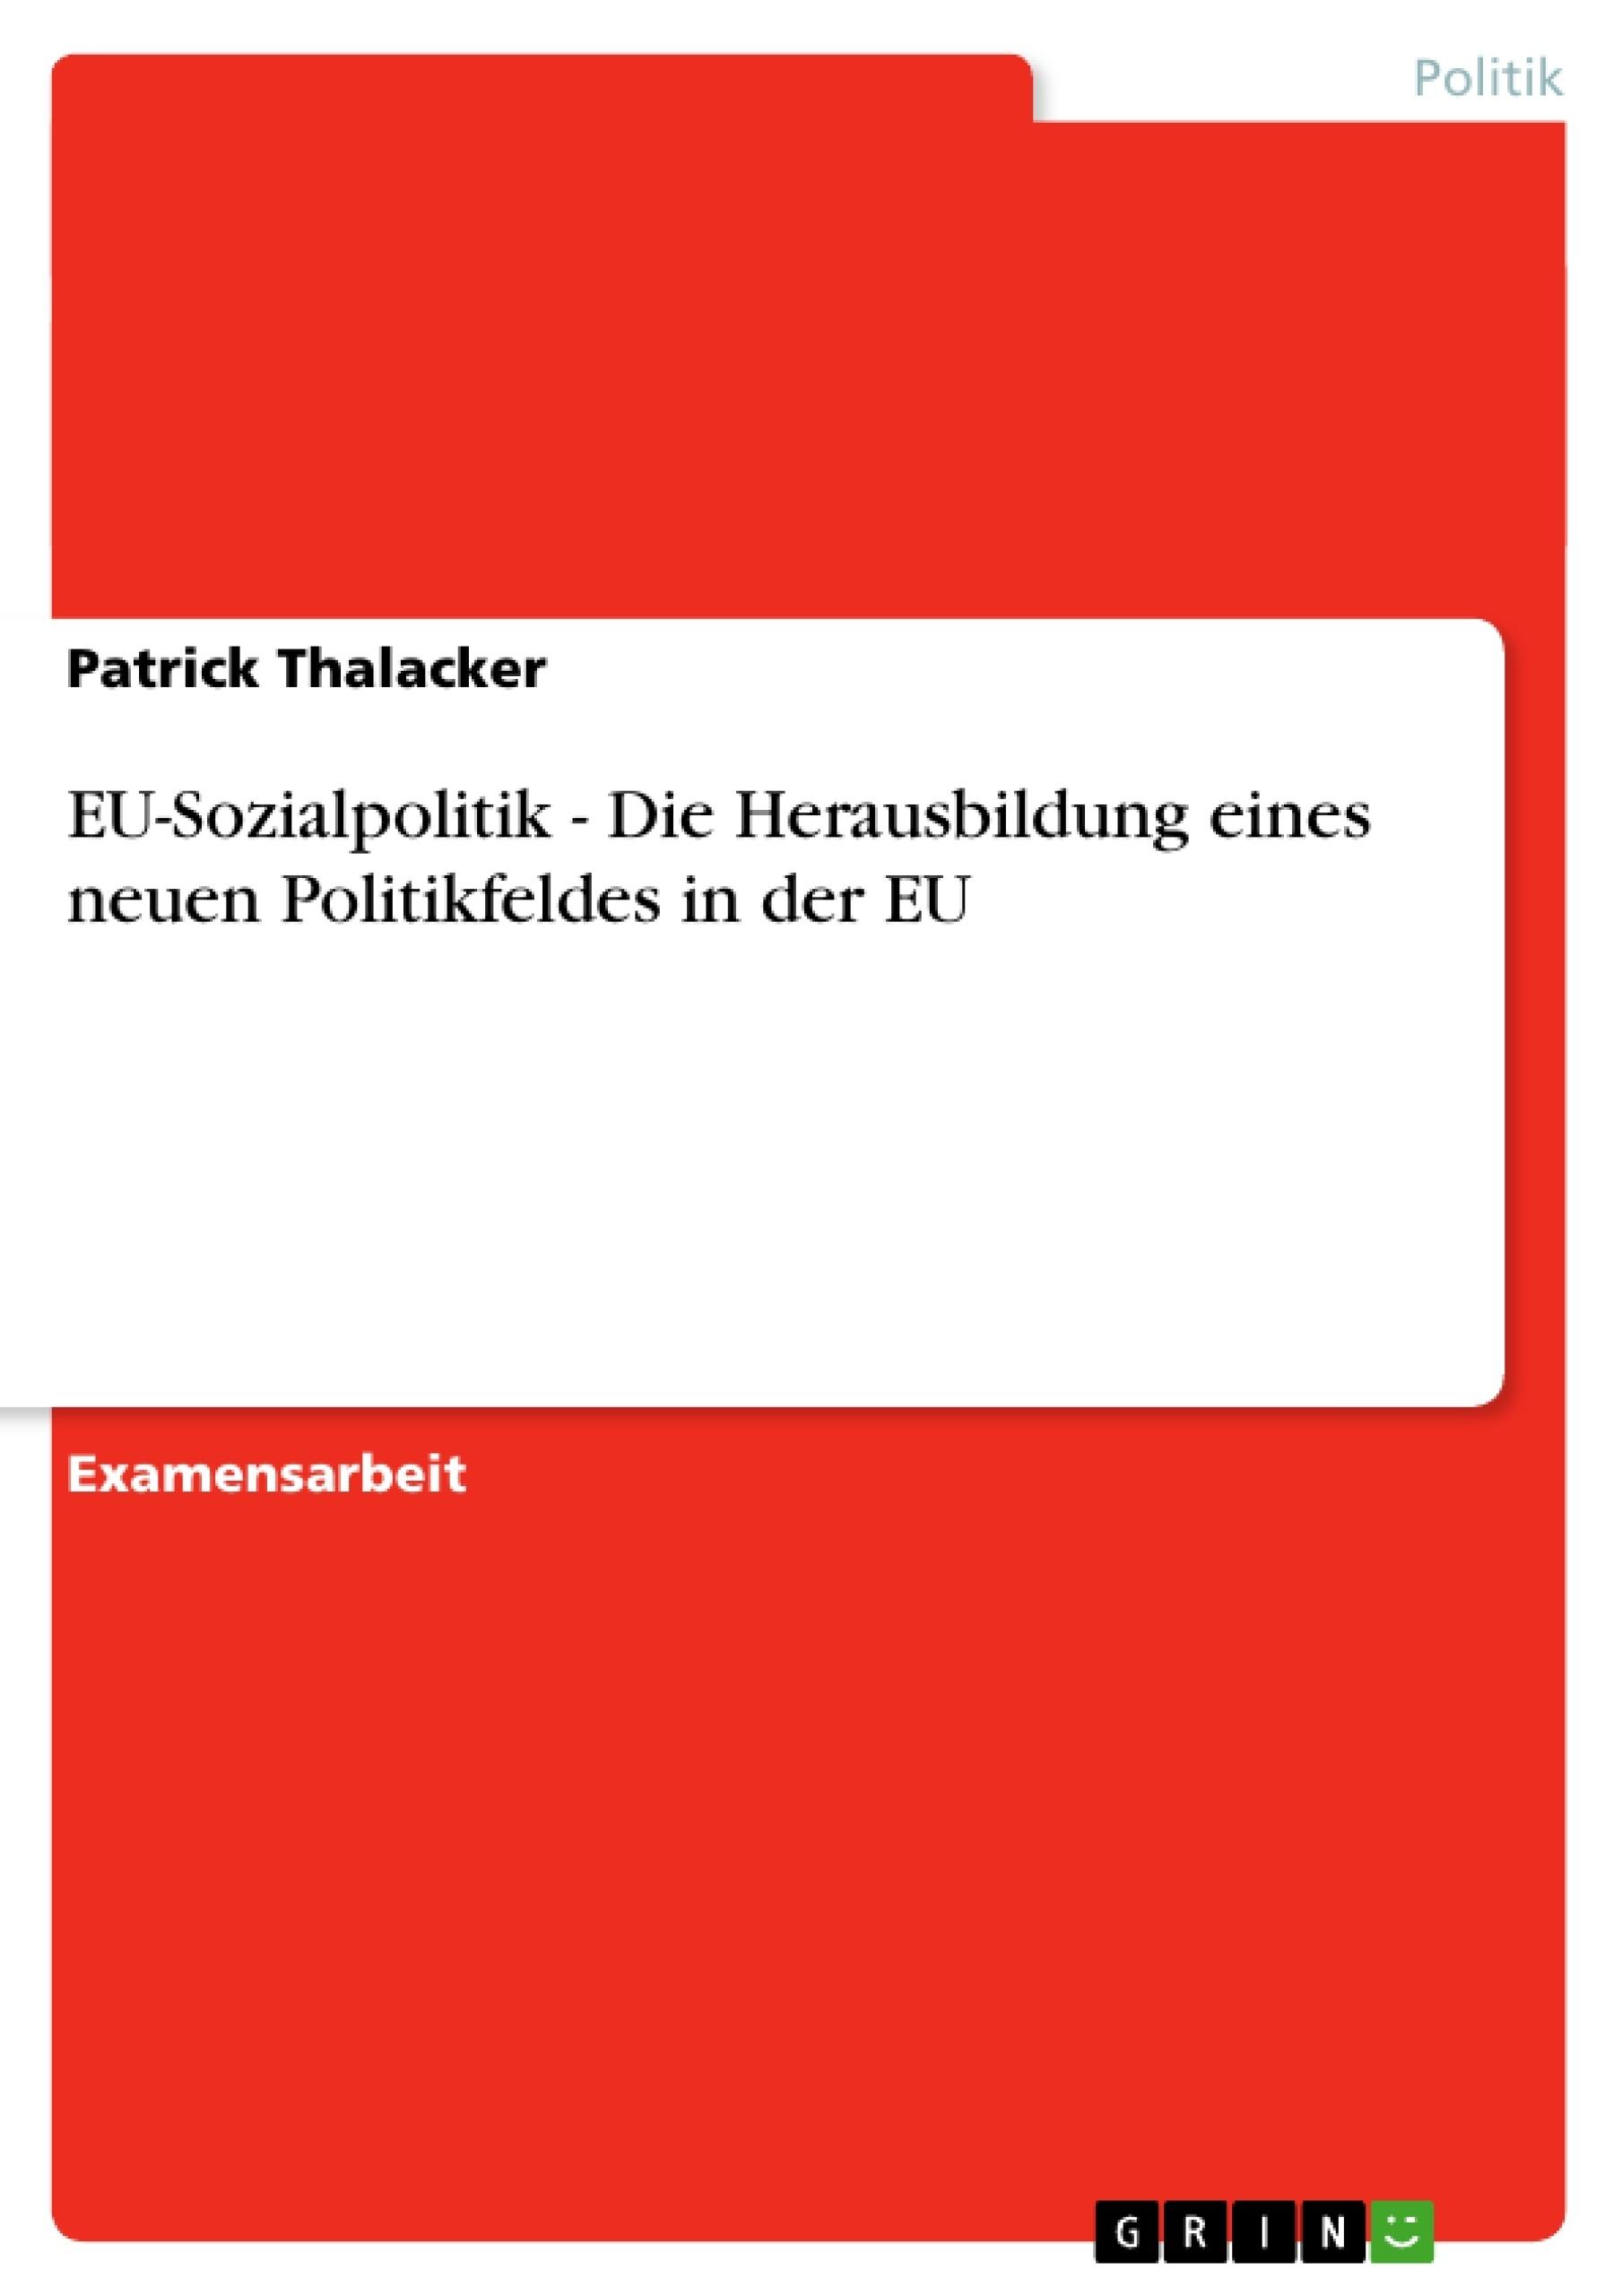 Titel: EU-Sozialpolitik - Die Herausbildung eines neuen Politikfeldes in der EU